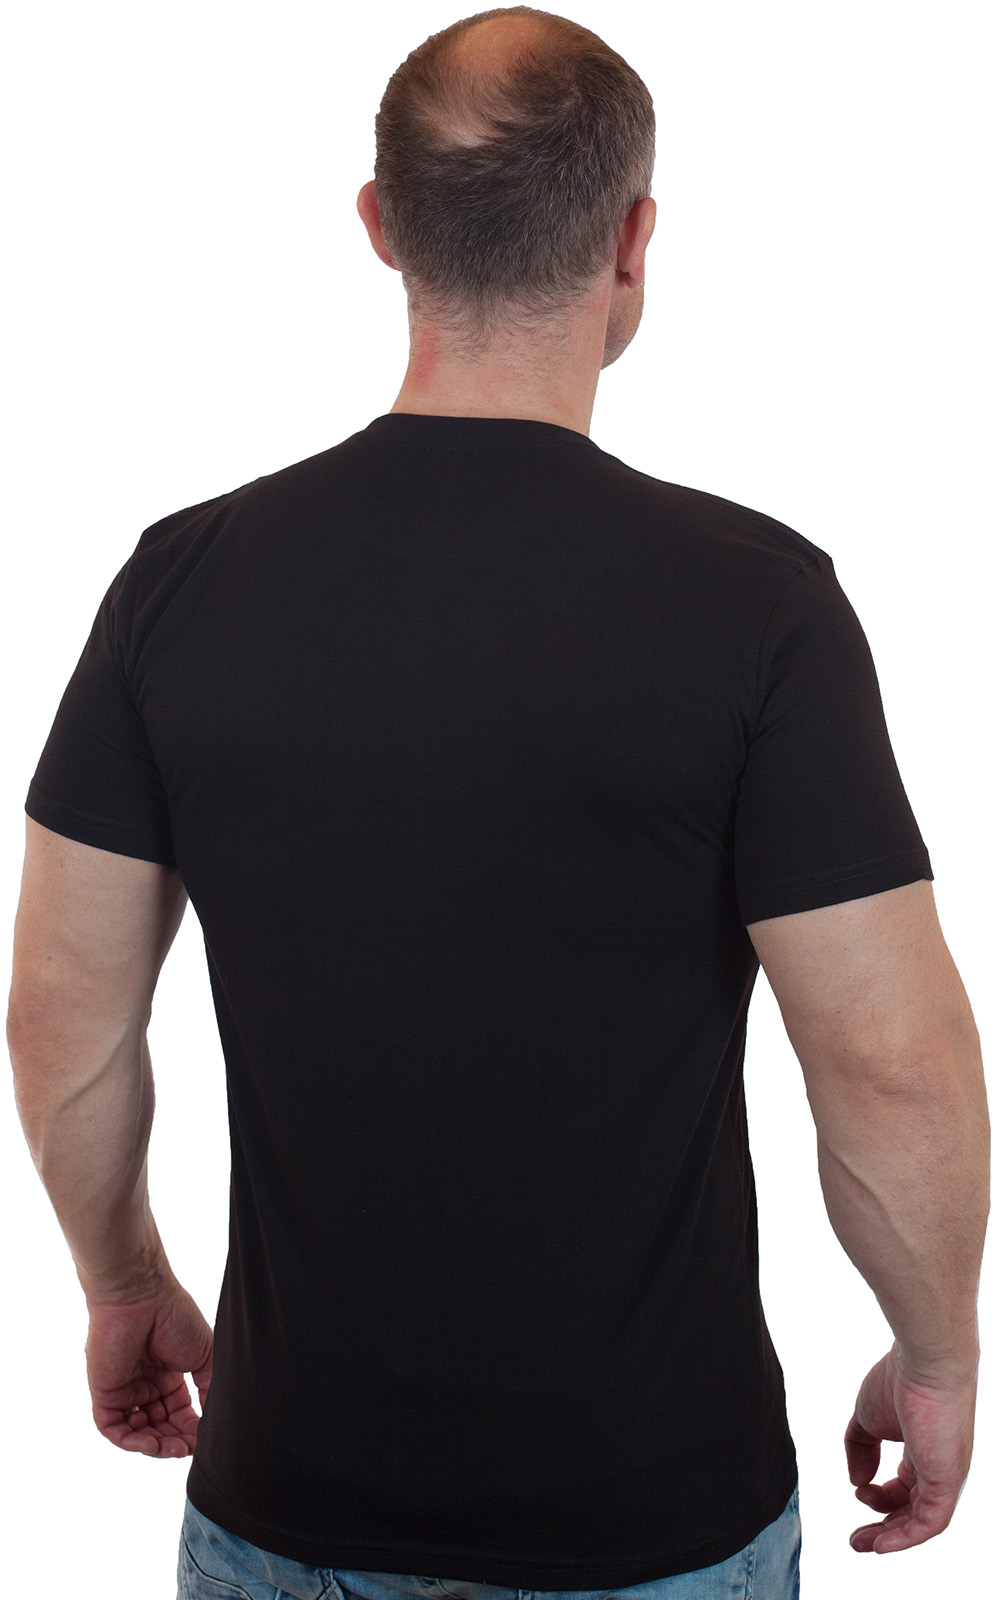 Лаконичная футболка с вышивкой Танковые Войска